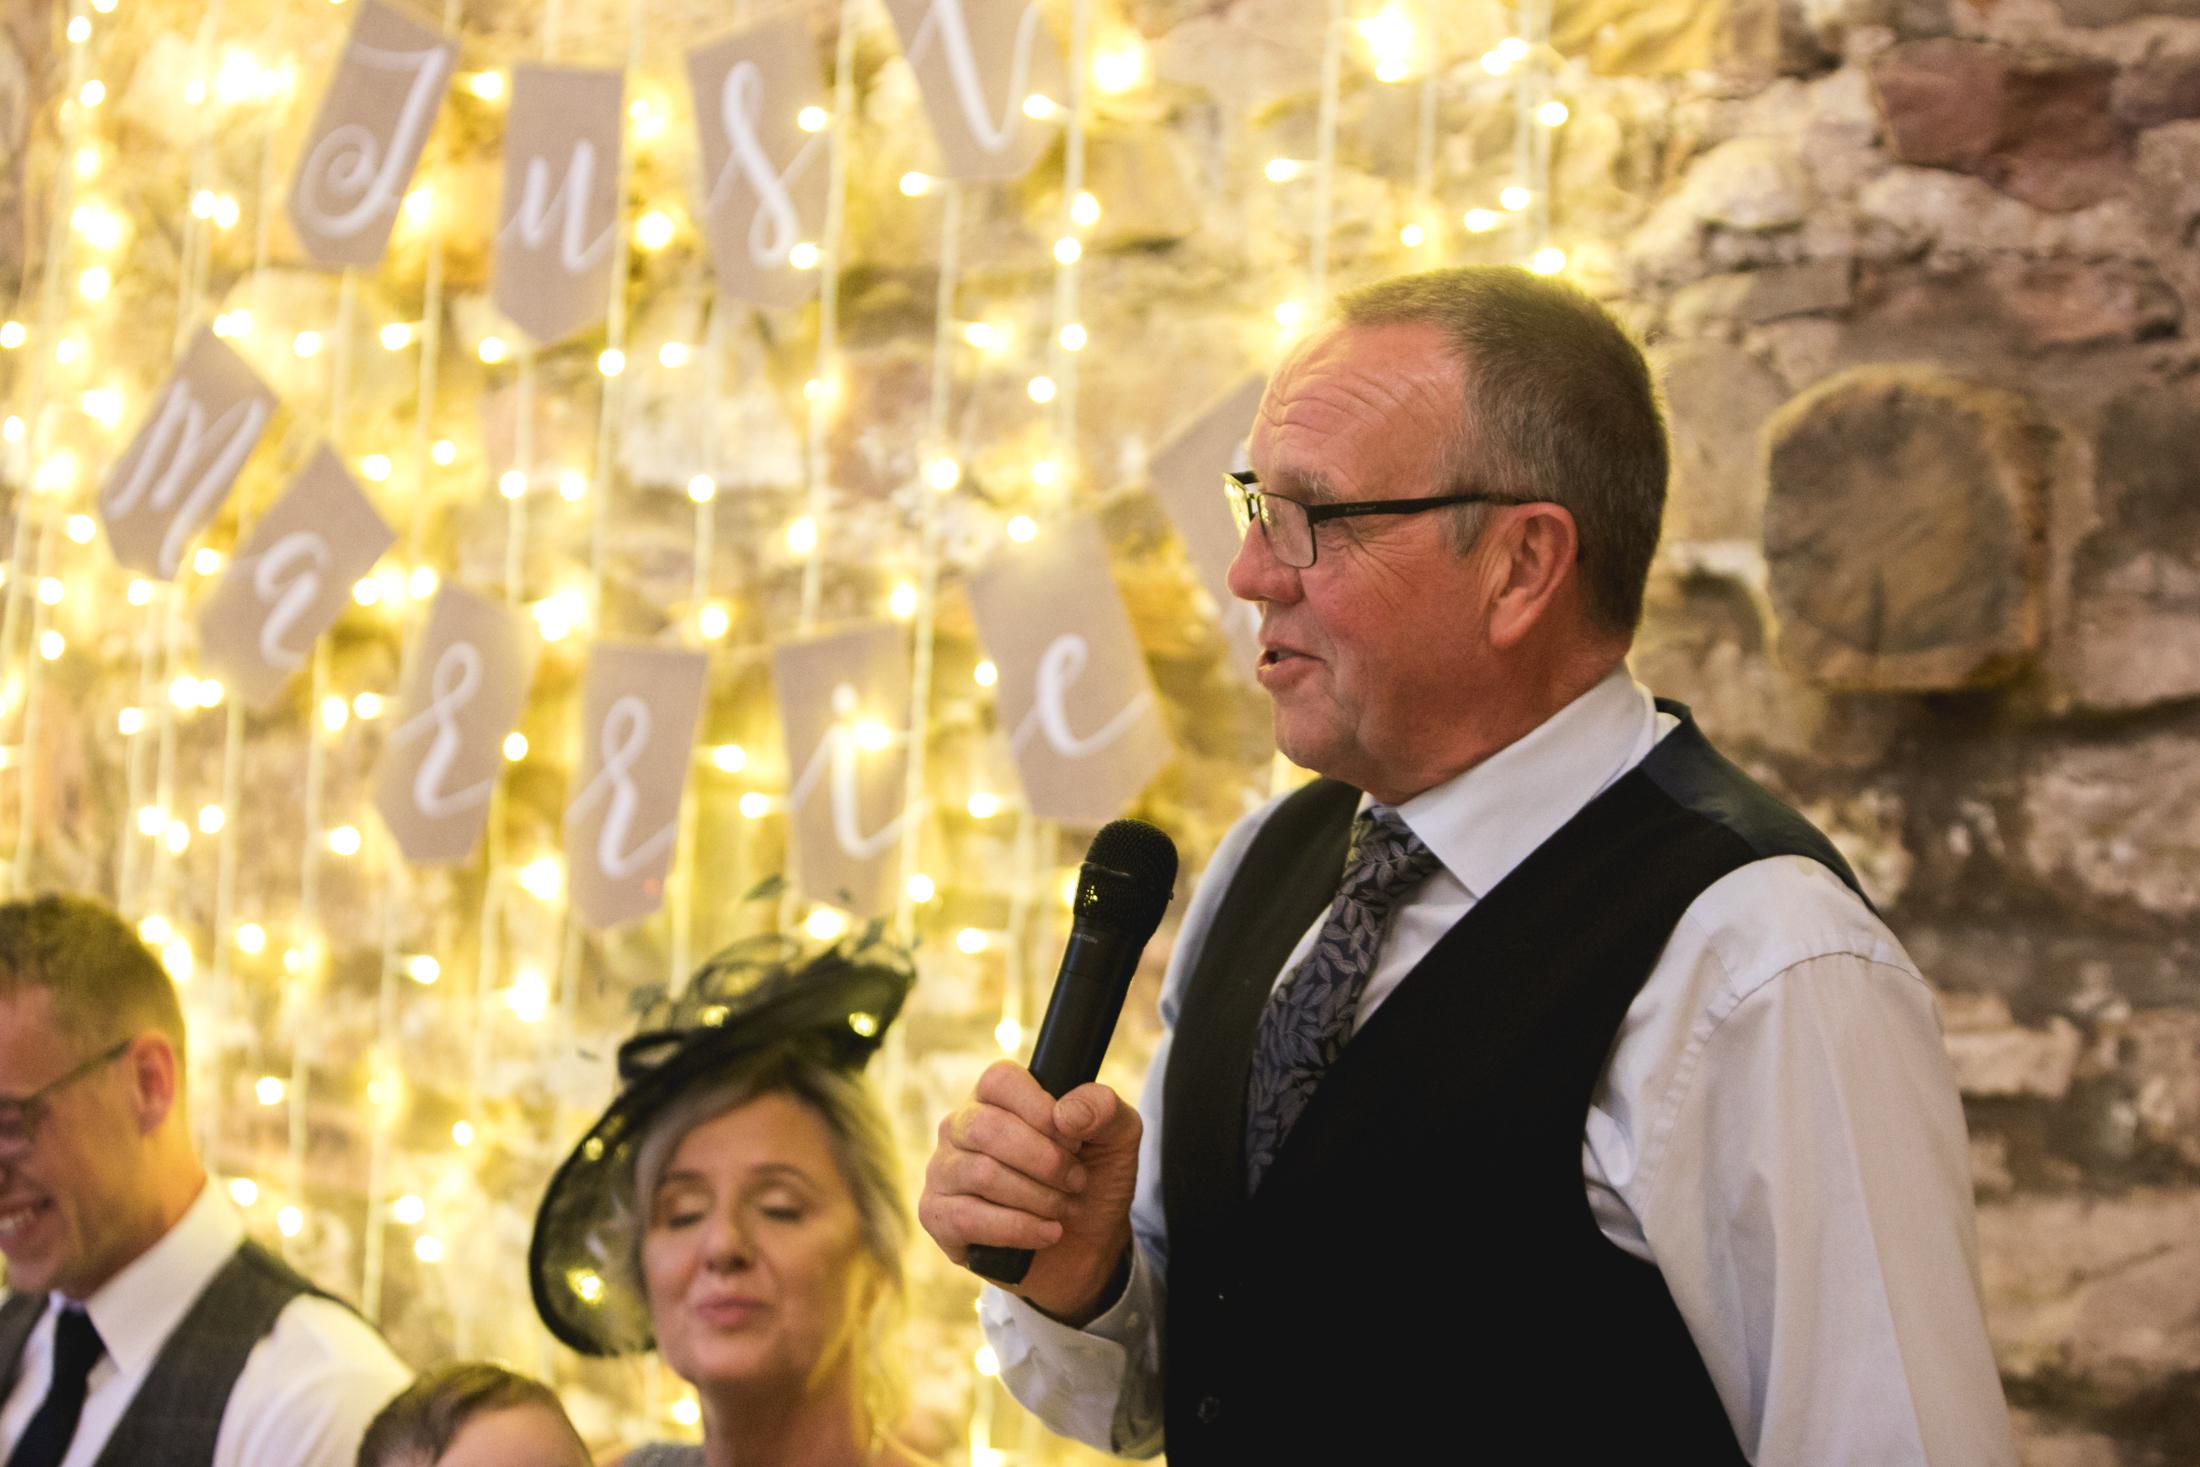 EDEN BARN WEDDING PHOTOGRAPHER-48.jpg